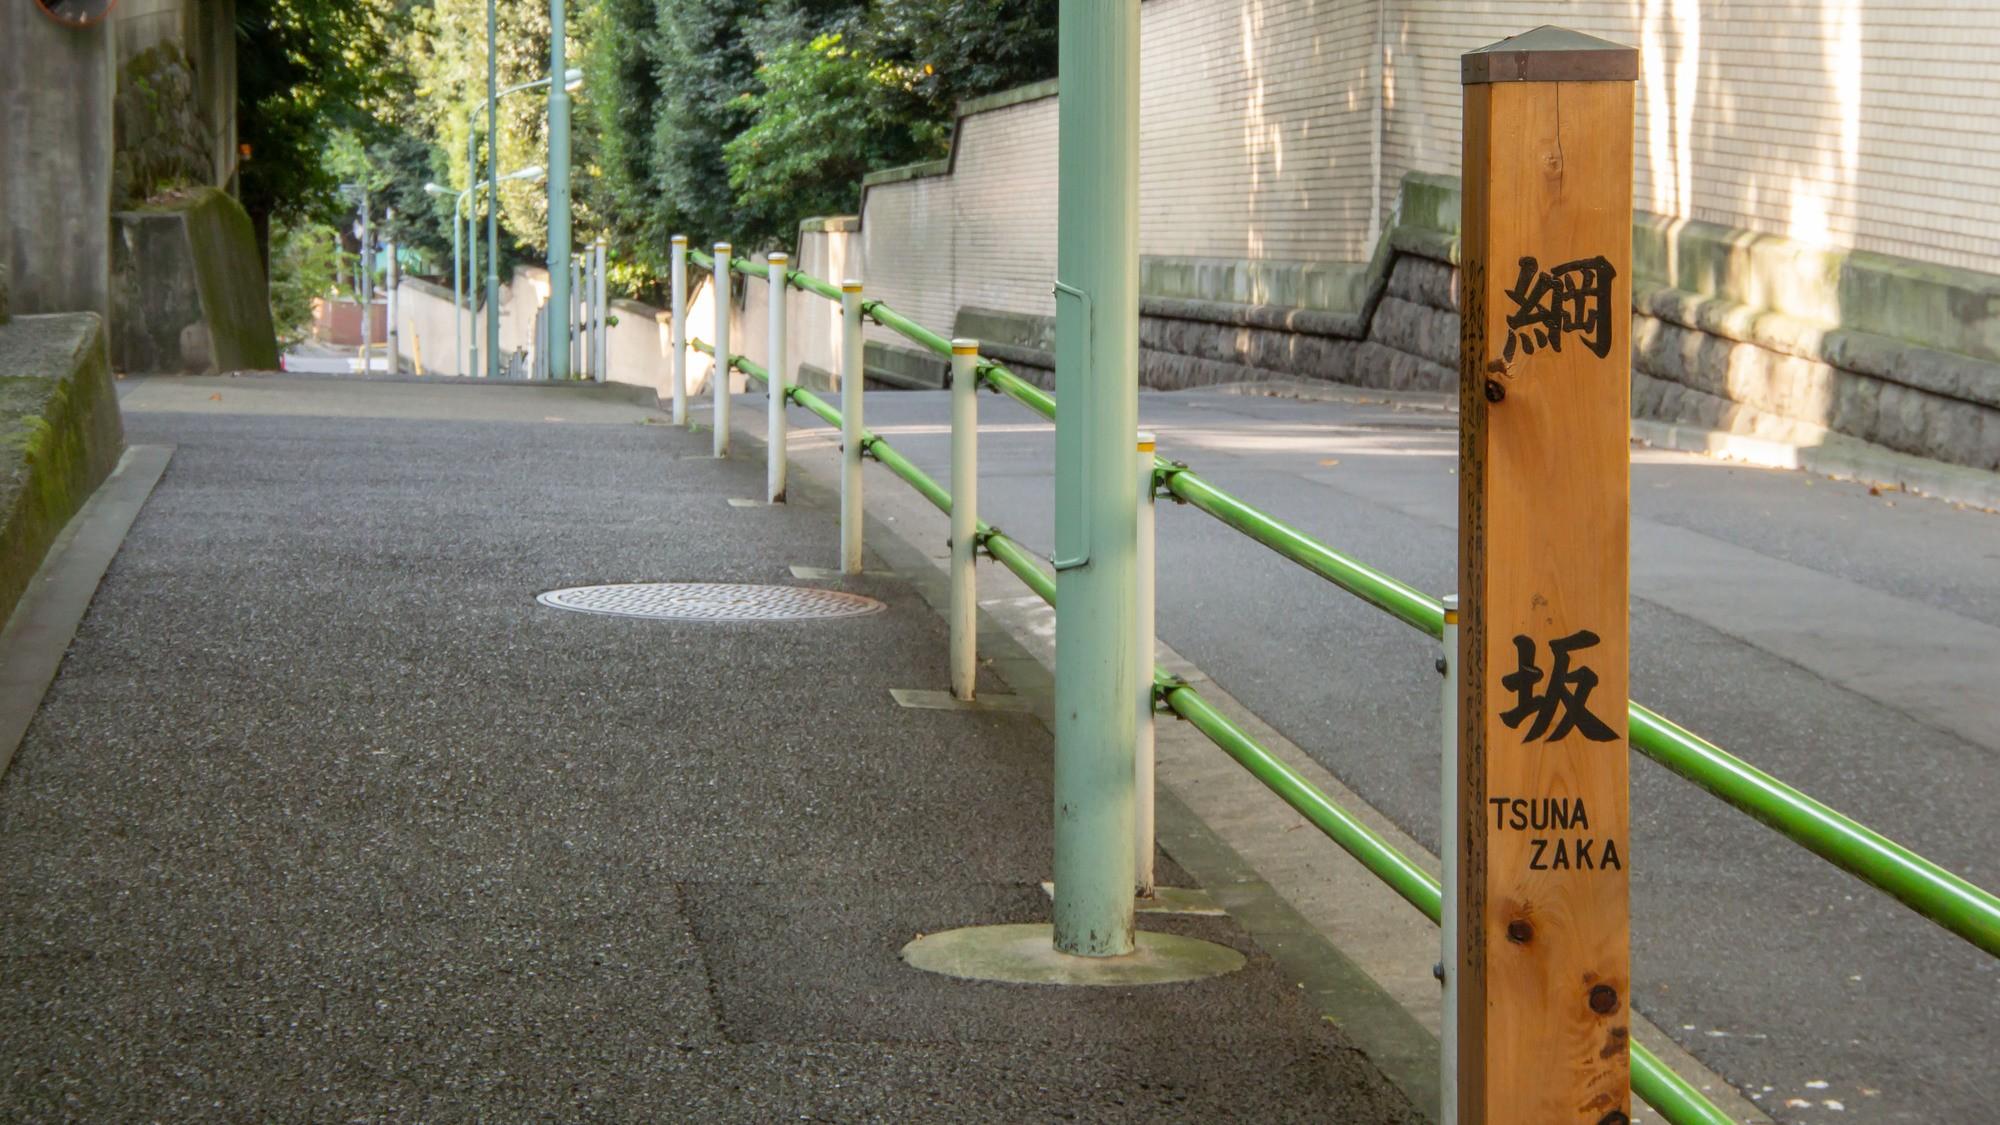 渡辺・渡邉・渡邊・渡部…全ての「わたなべ」の発祥は大阪に!?